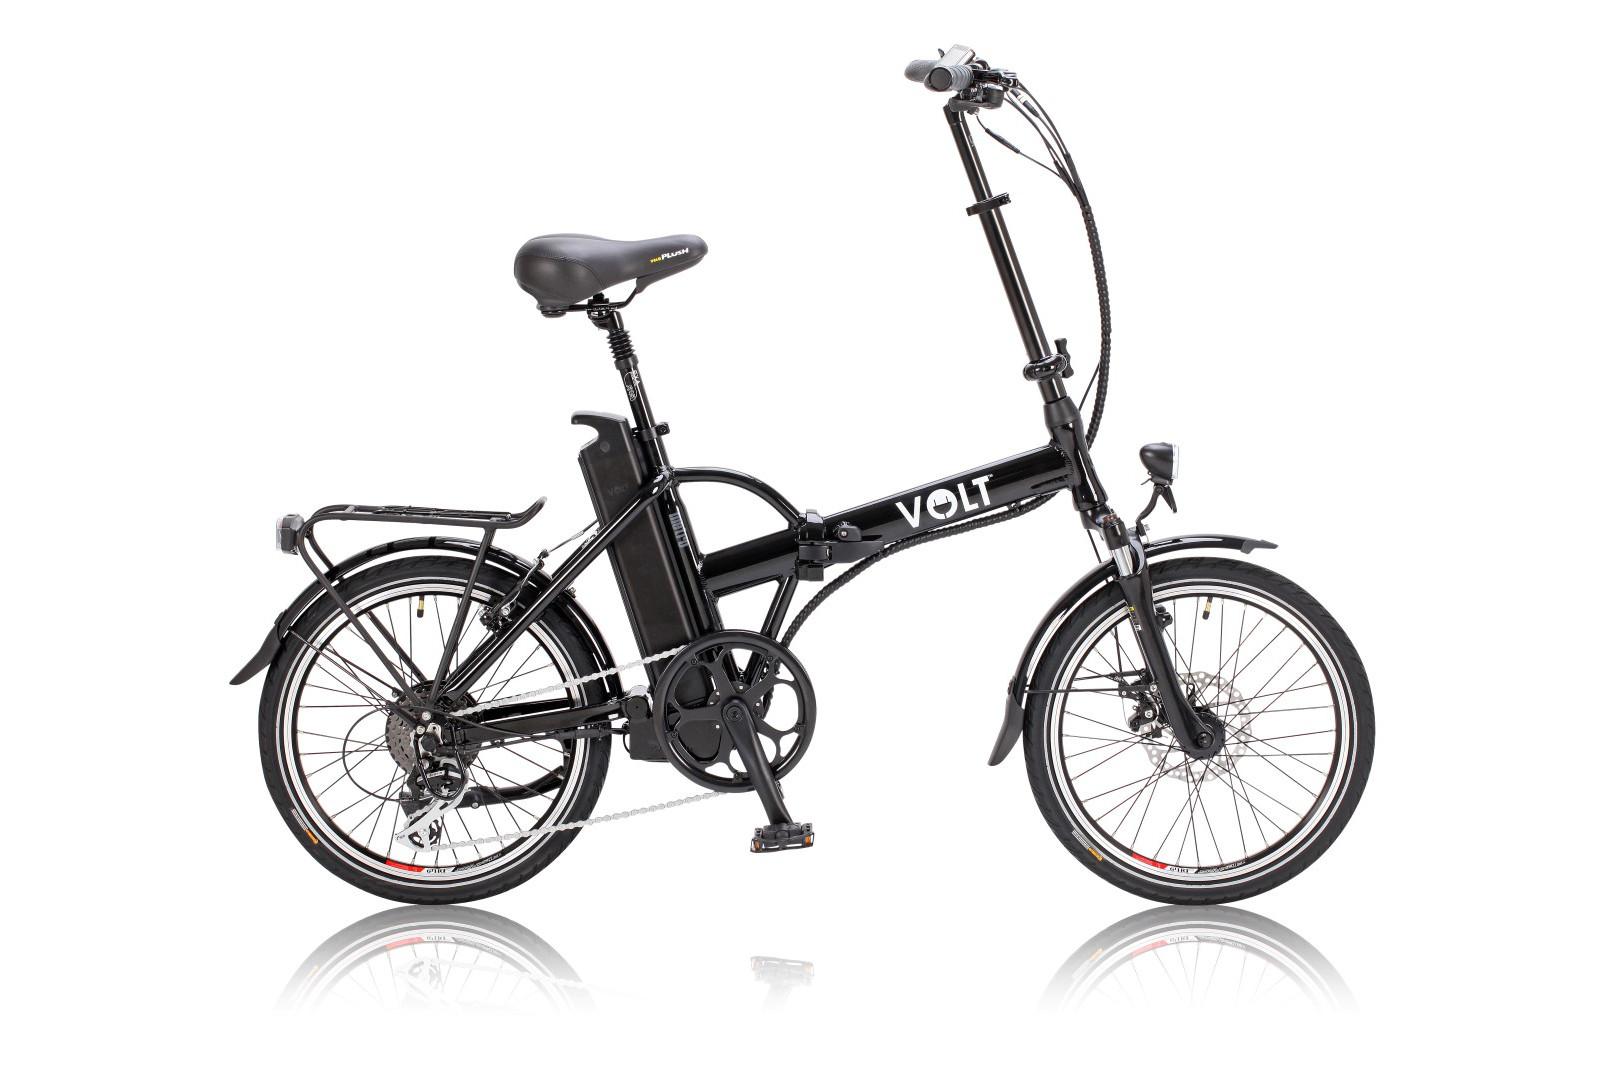 Volt Metro Model